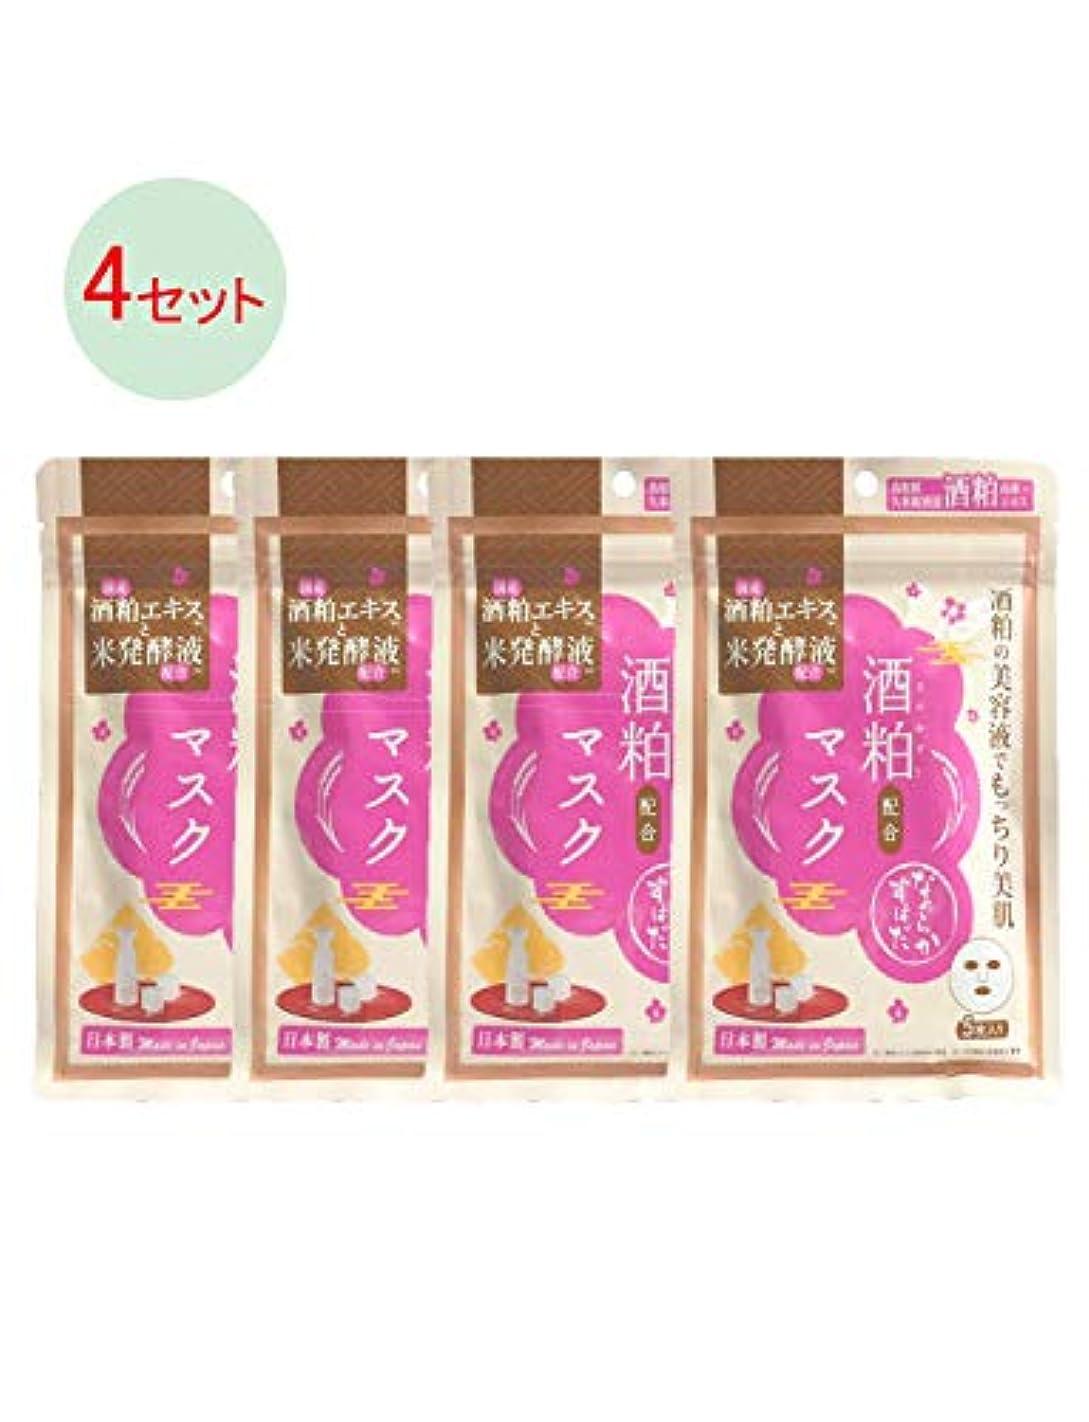 大天シート日本製 酒粕マスク (5枚入) x 4セット